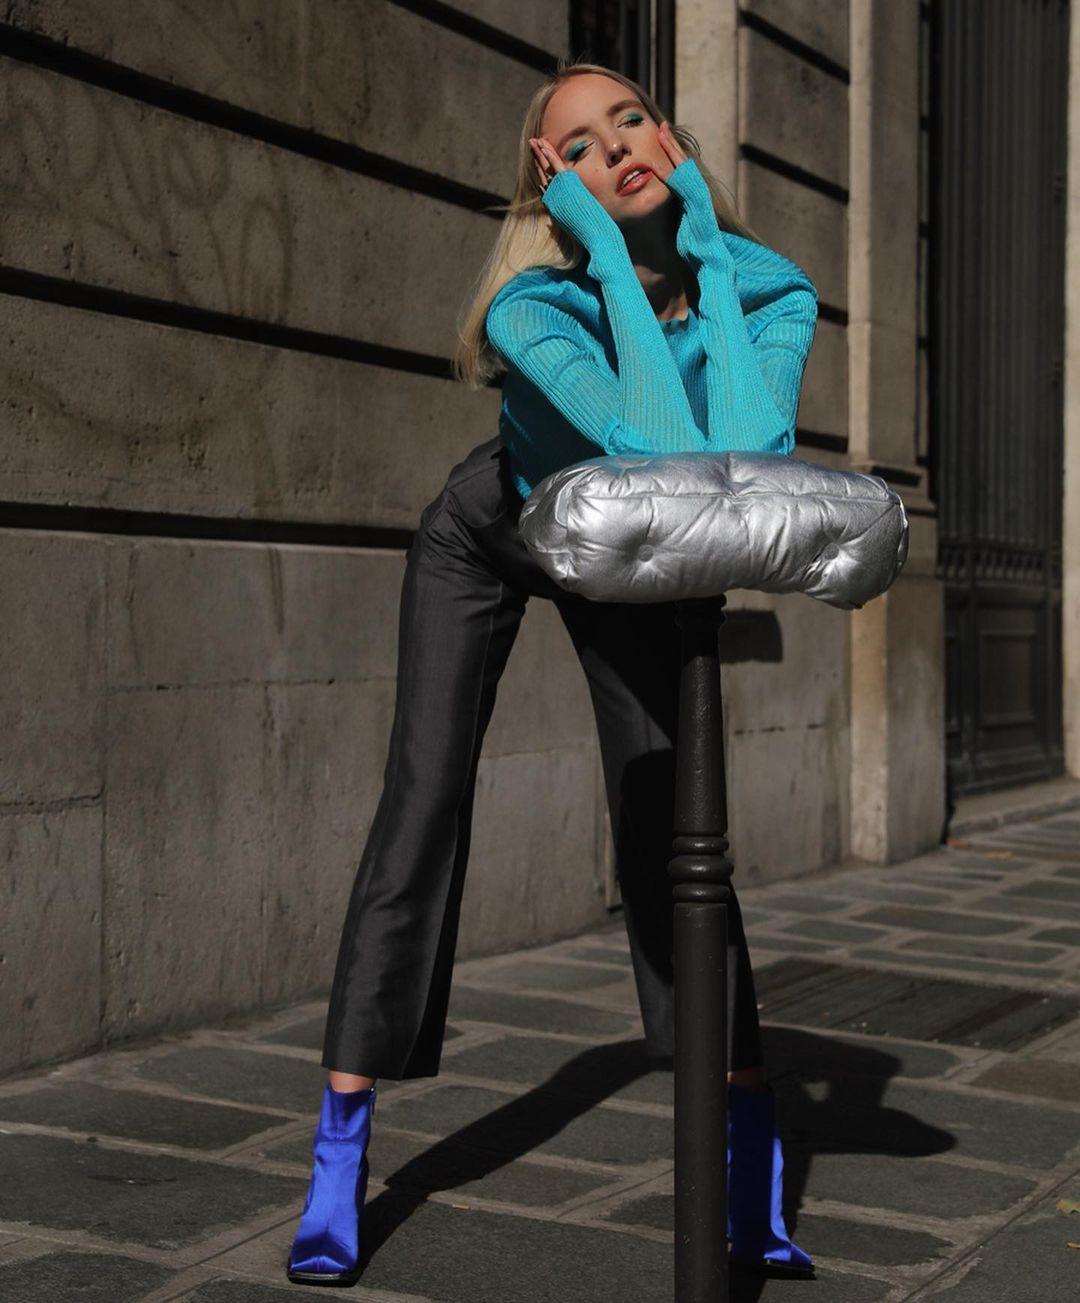 áo xanh lam phối quần đen